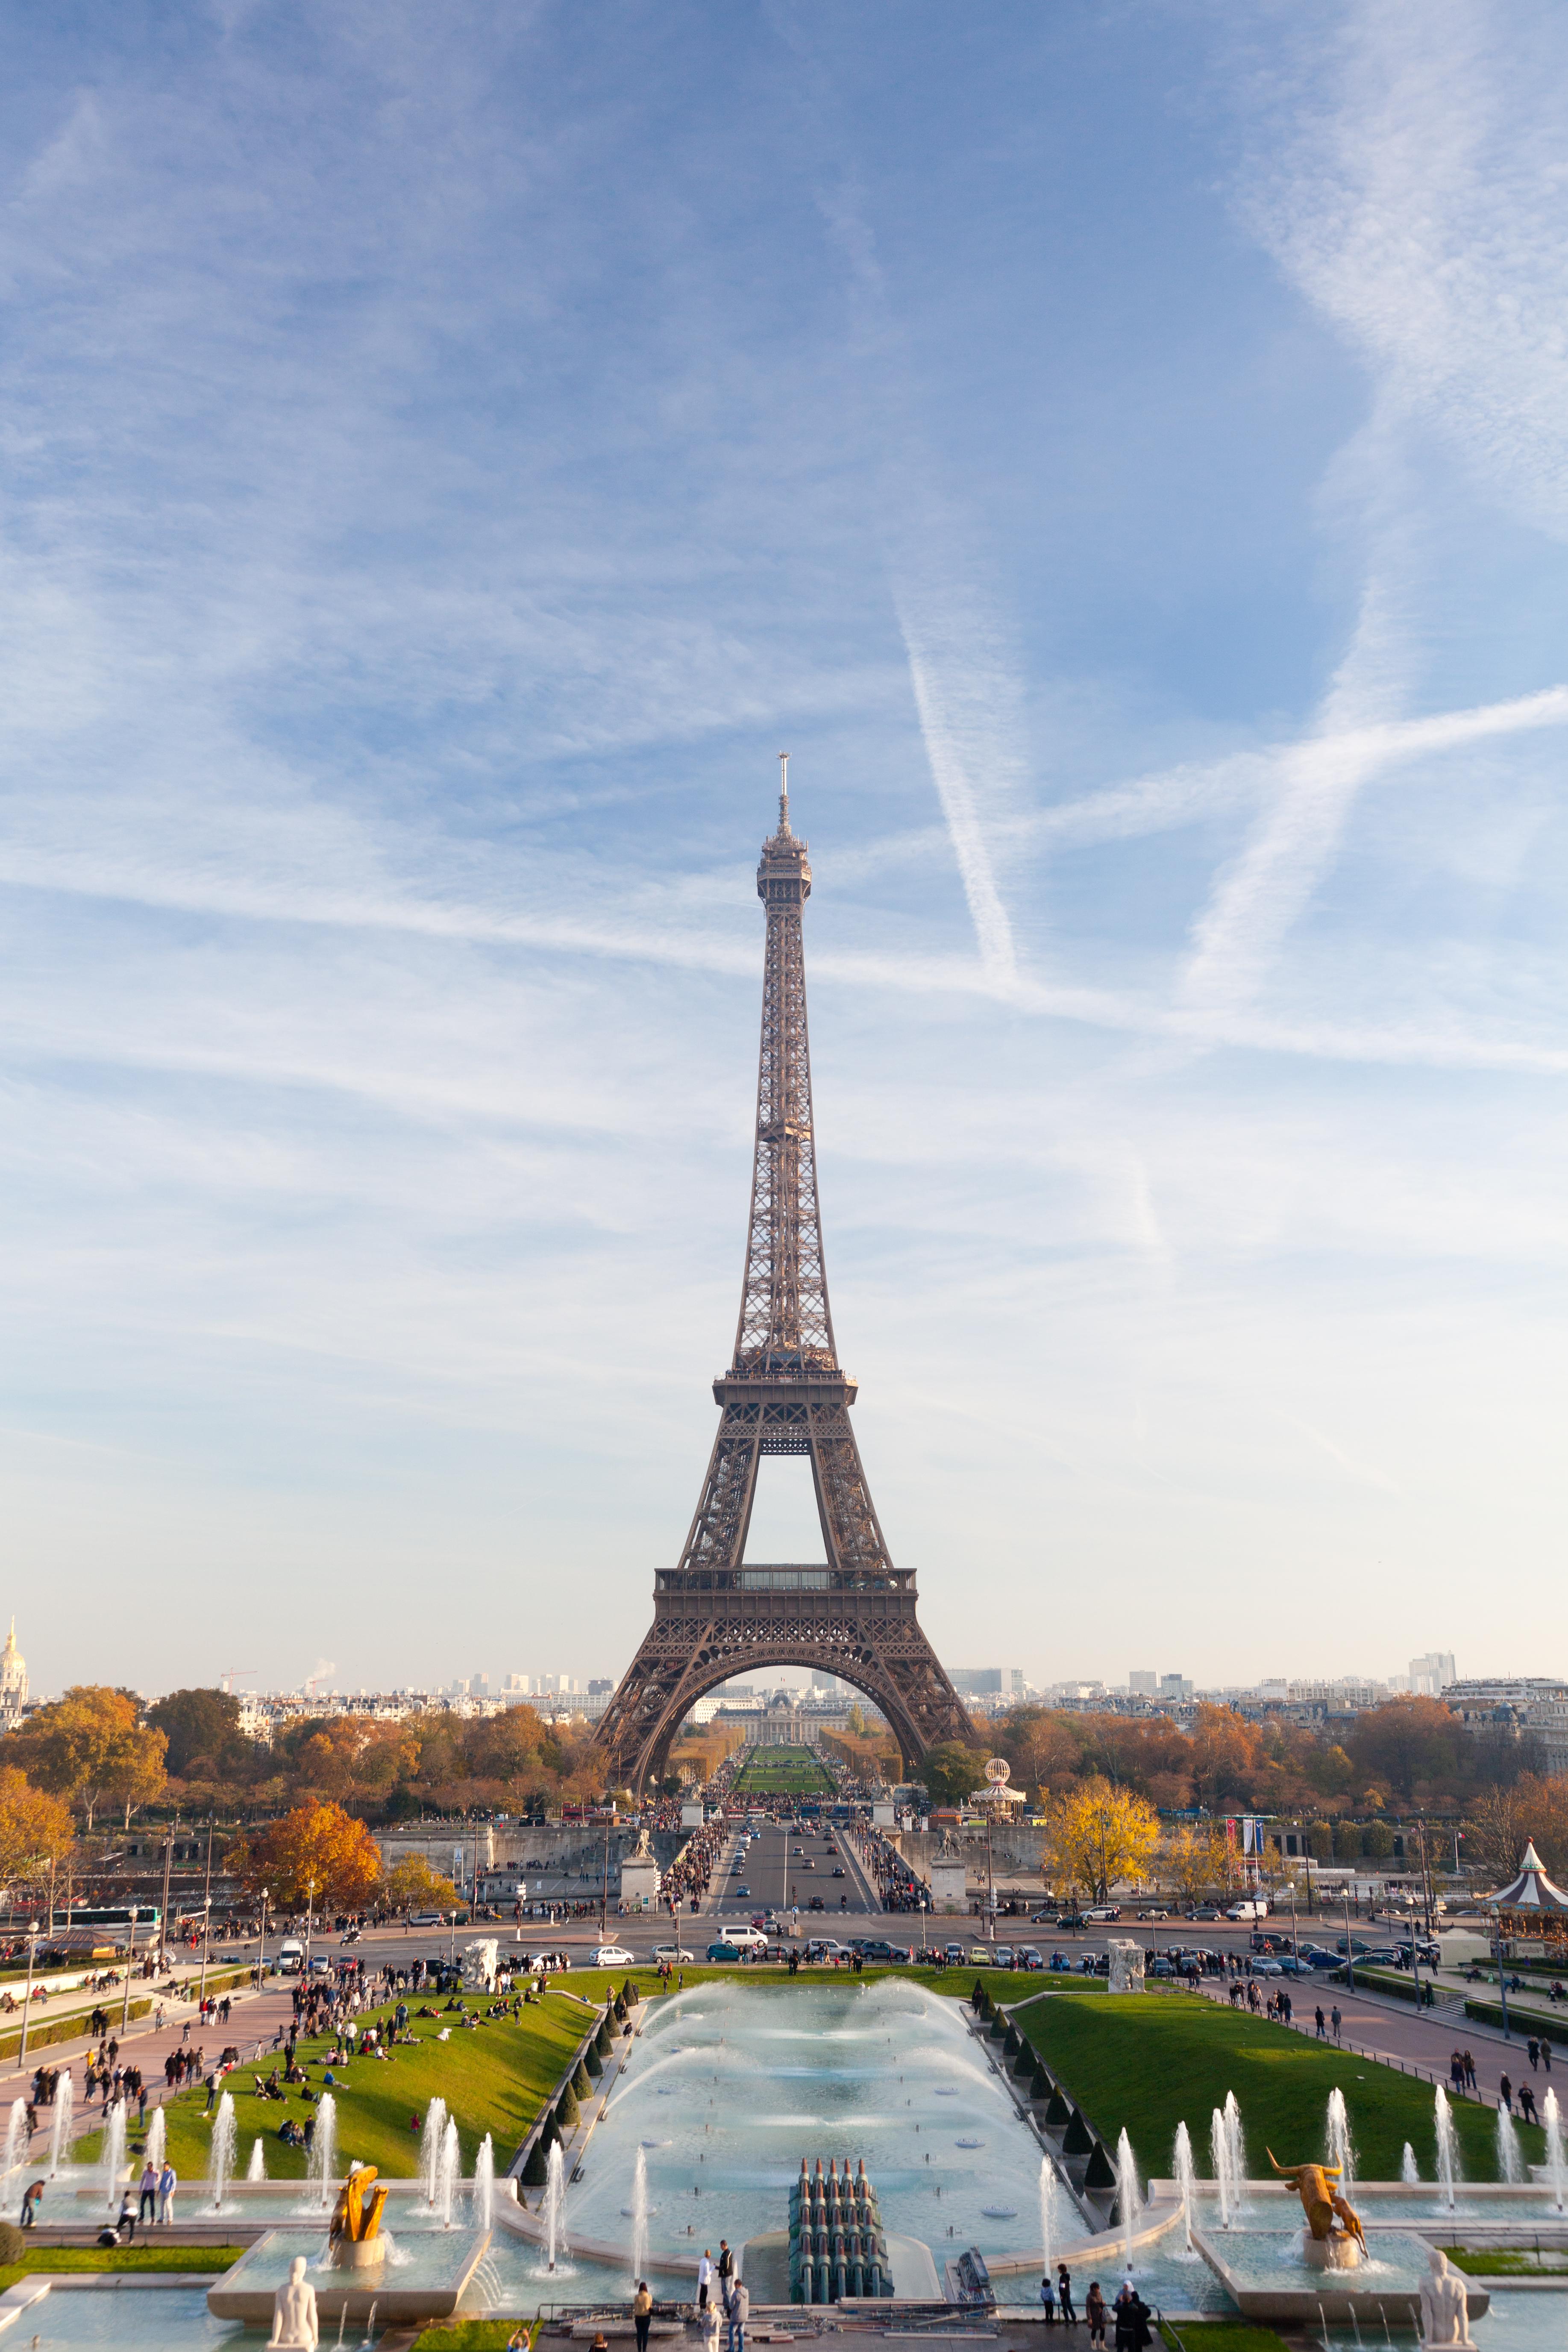 Vue De La Tour Eiffel Un Jour D Automne Chaud Picked Vintage